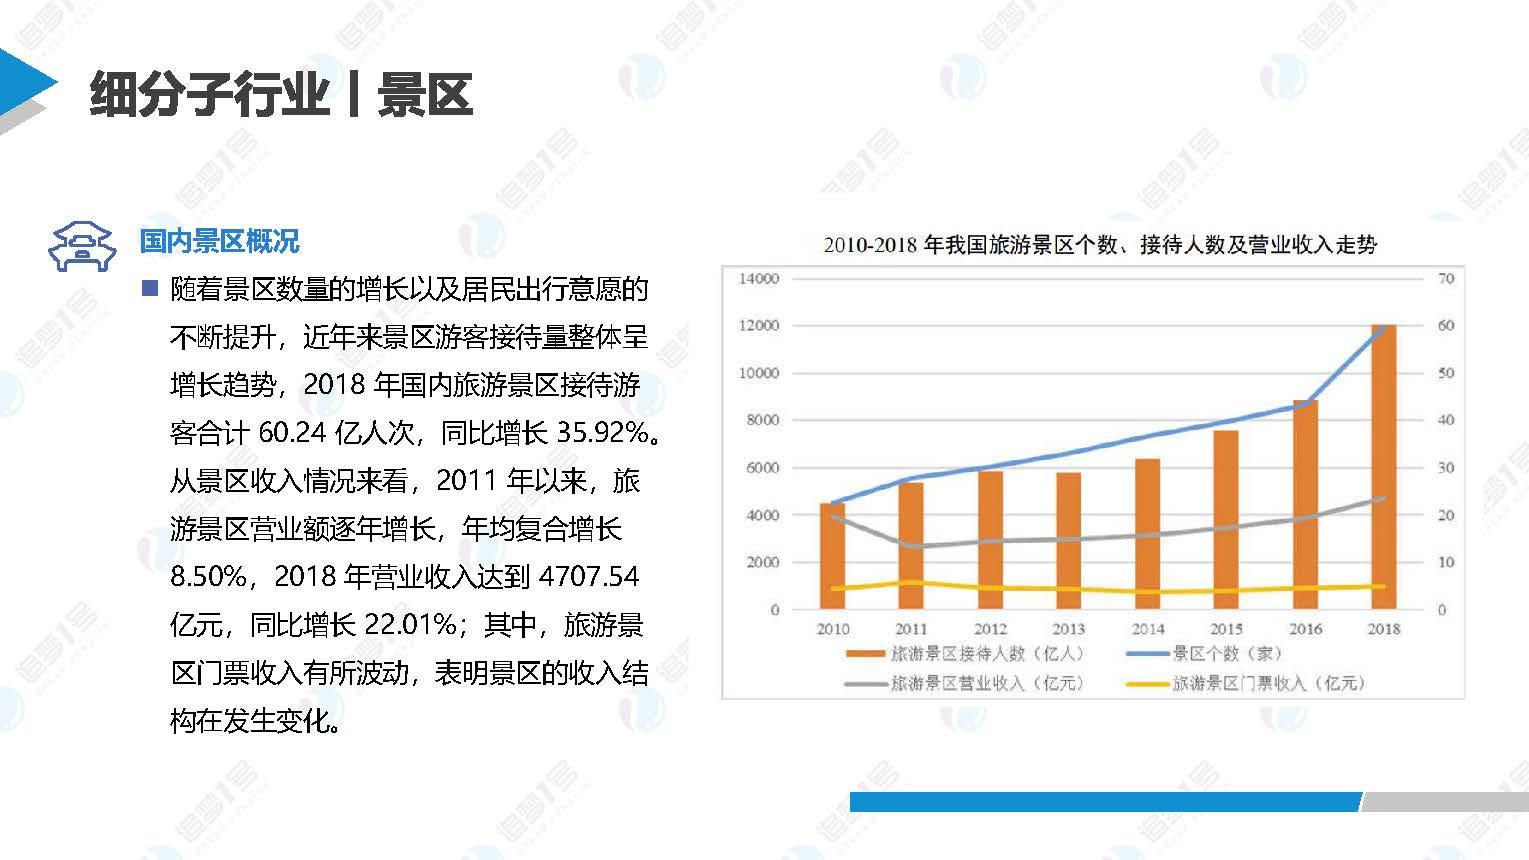 中国旅游行业研究 _页面_19.jpg